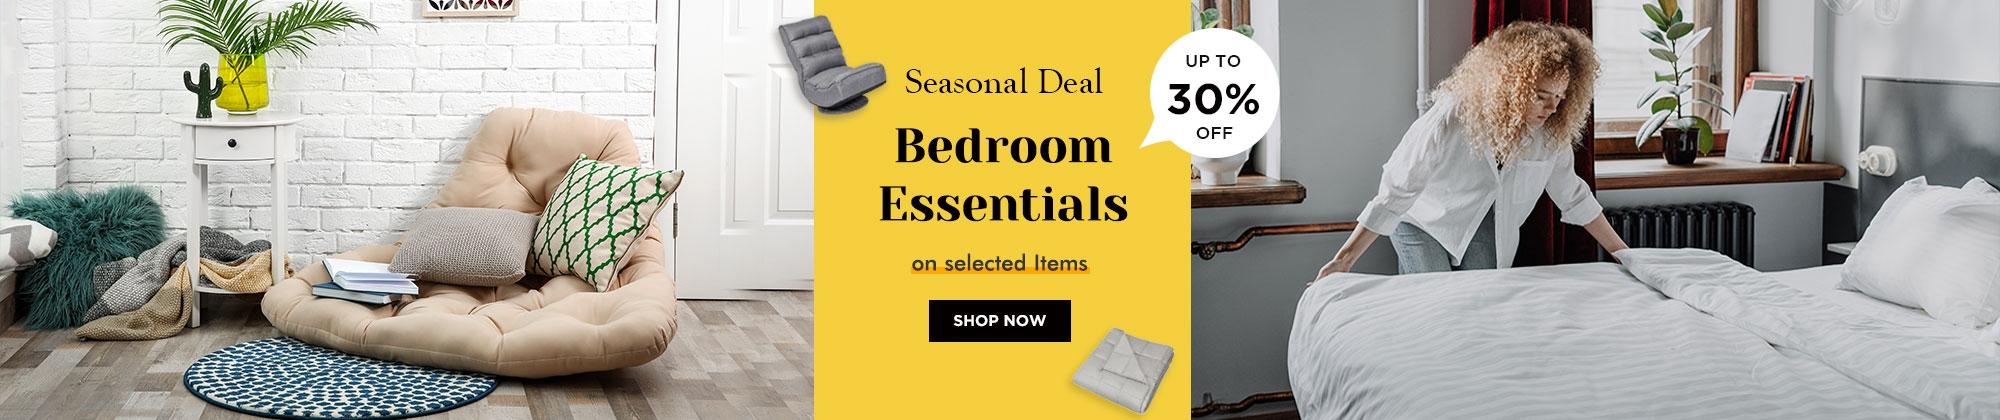 bedroom essentials up to 30% off